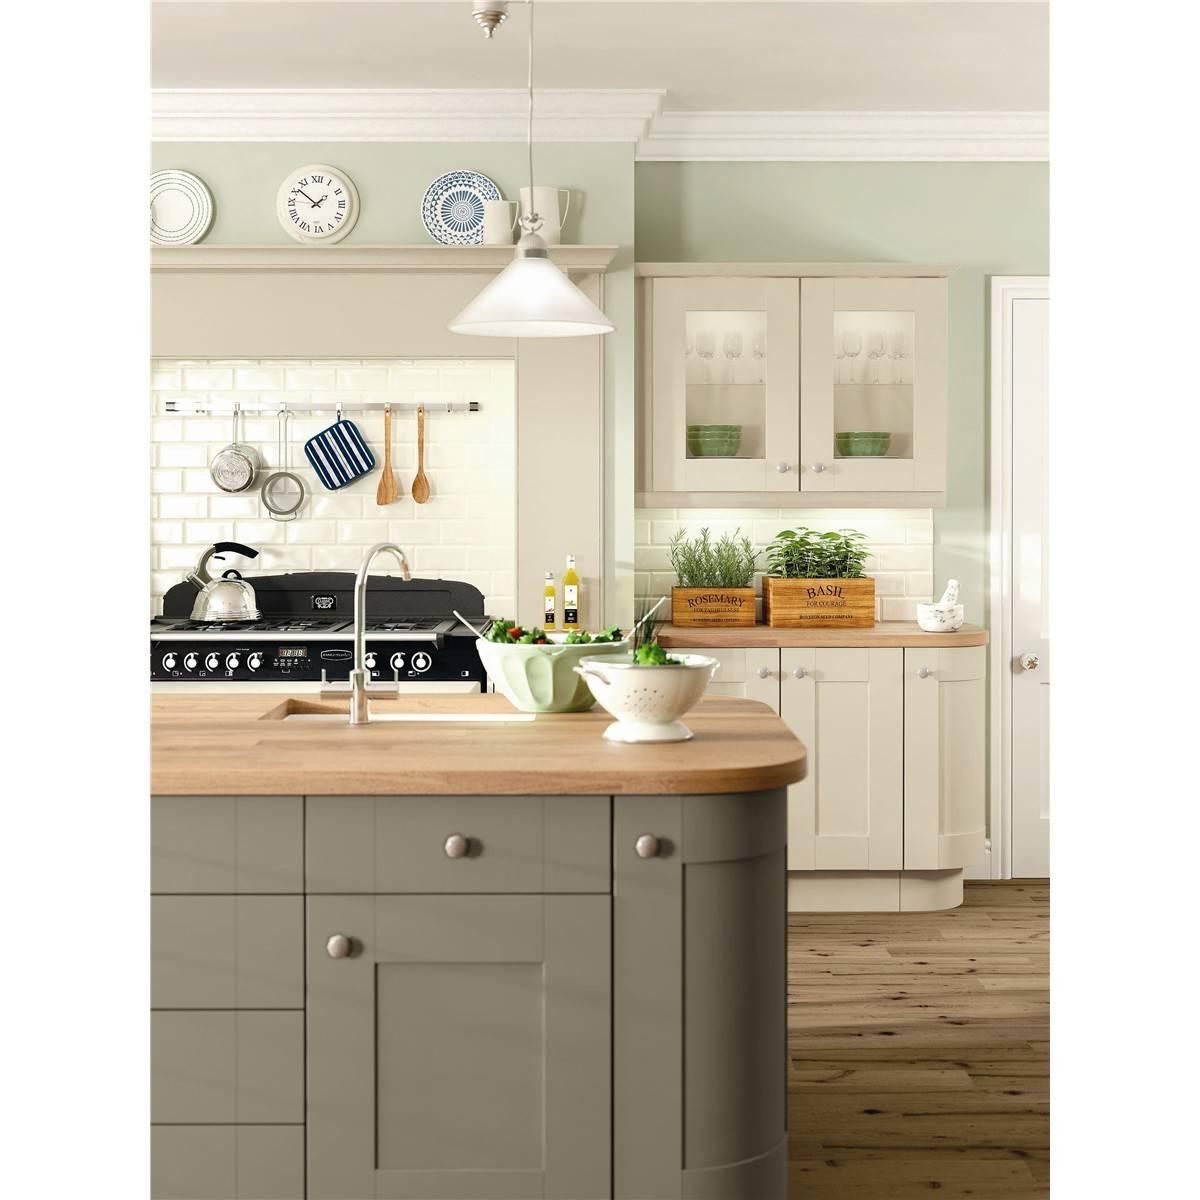 Shaker Kitchen Shown Olive Coloured Island Stone